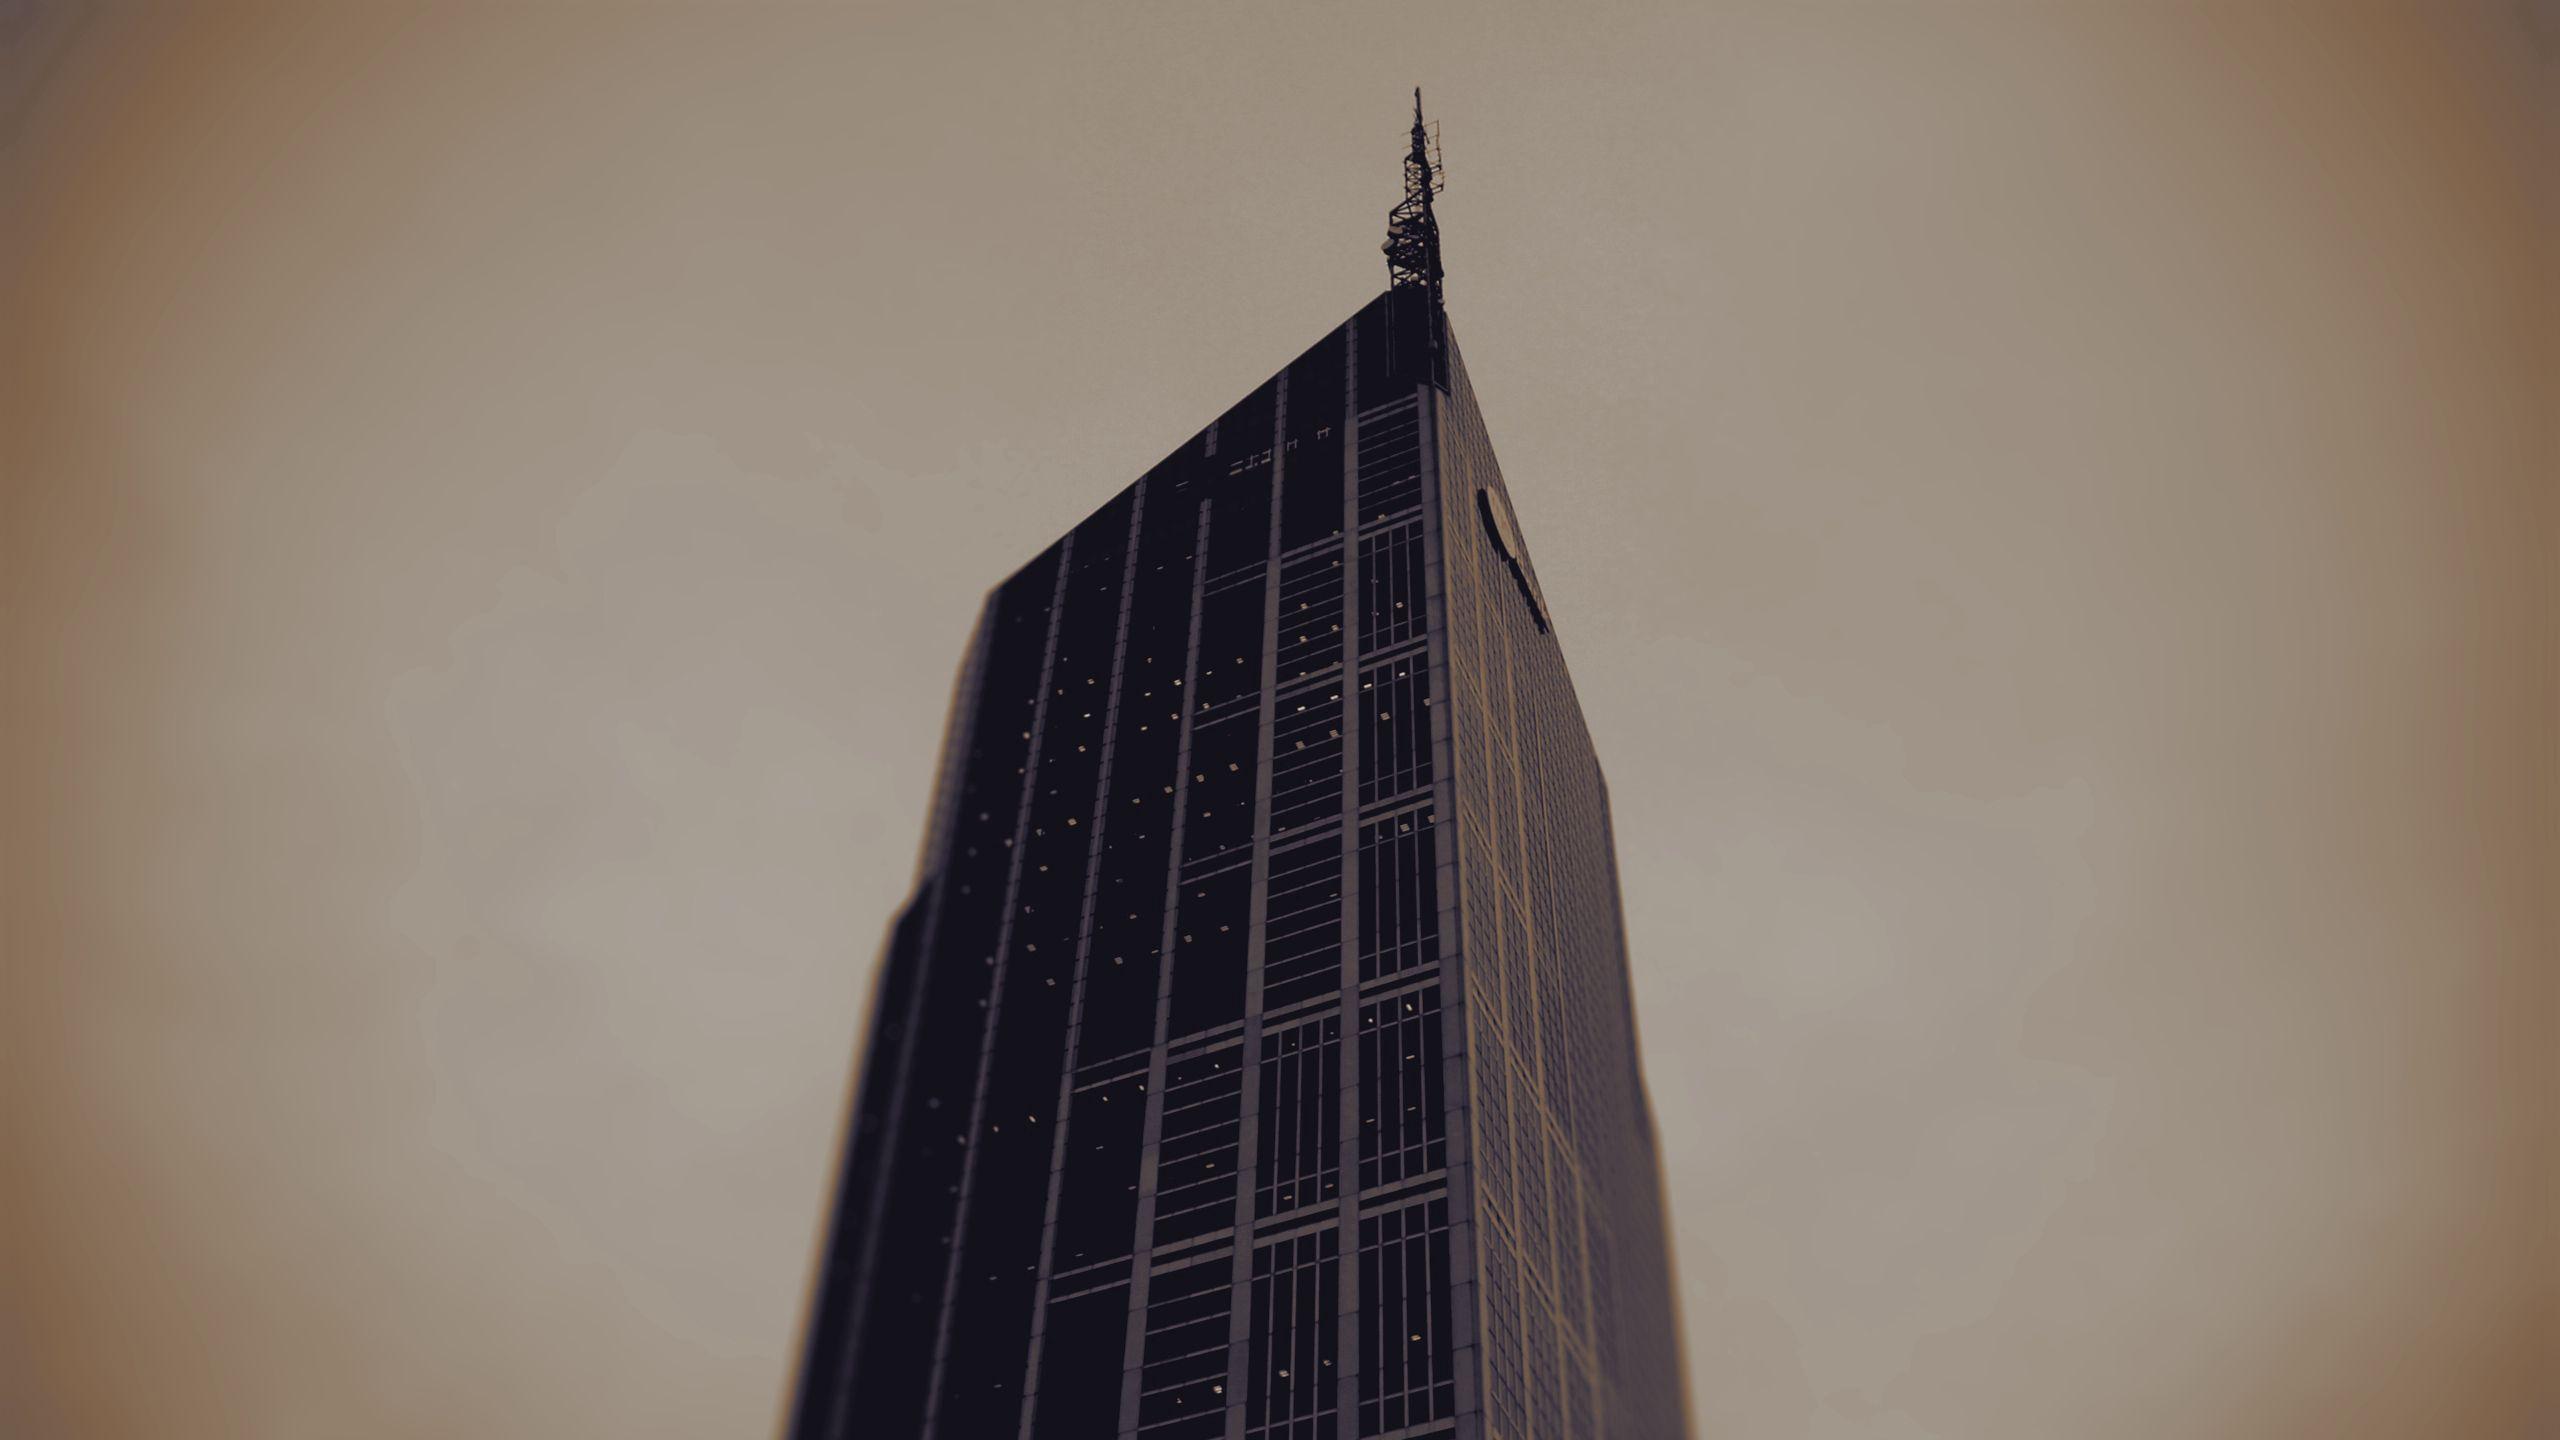 150642 скачать обои Минимализм, Здание, Крыша, Свет, Небо, Небоскреб - заставки и картинки бесплатно